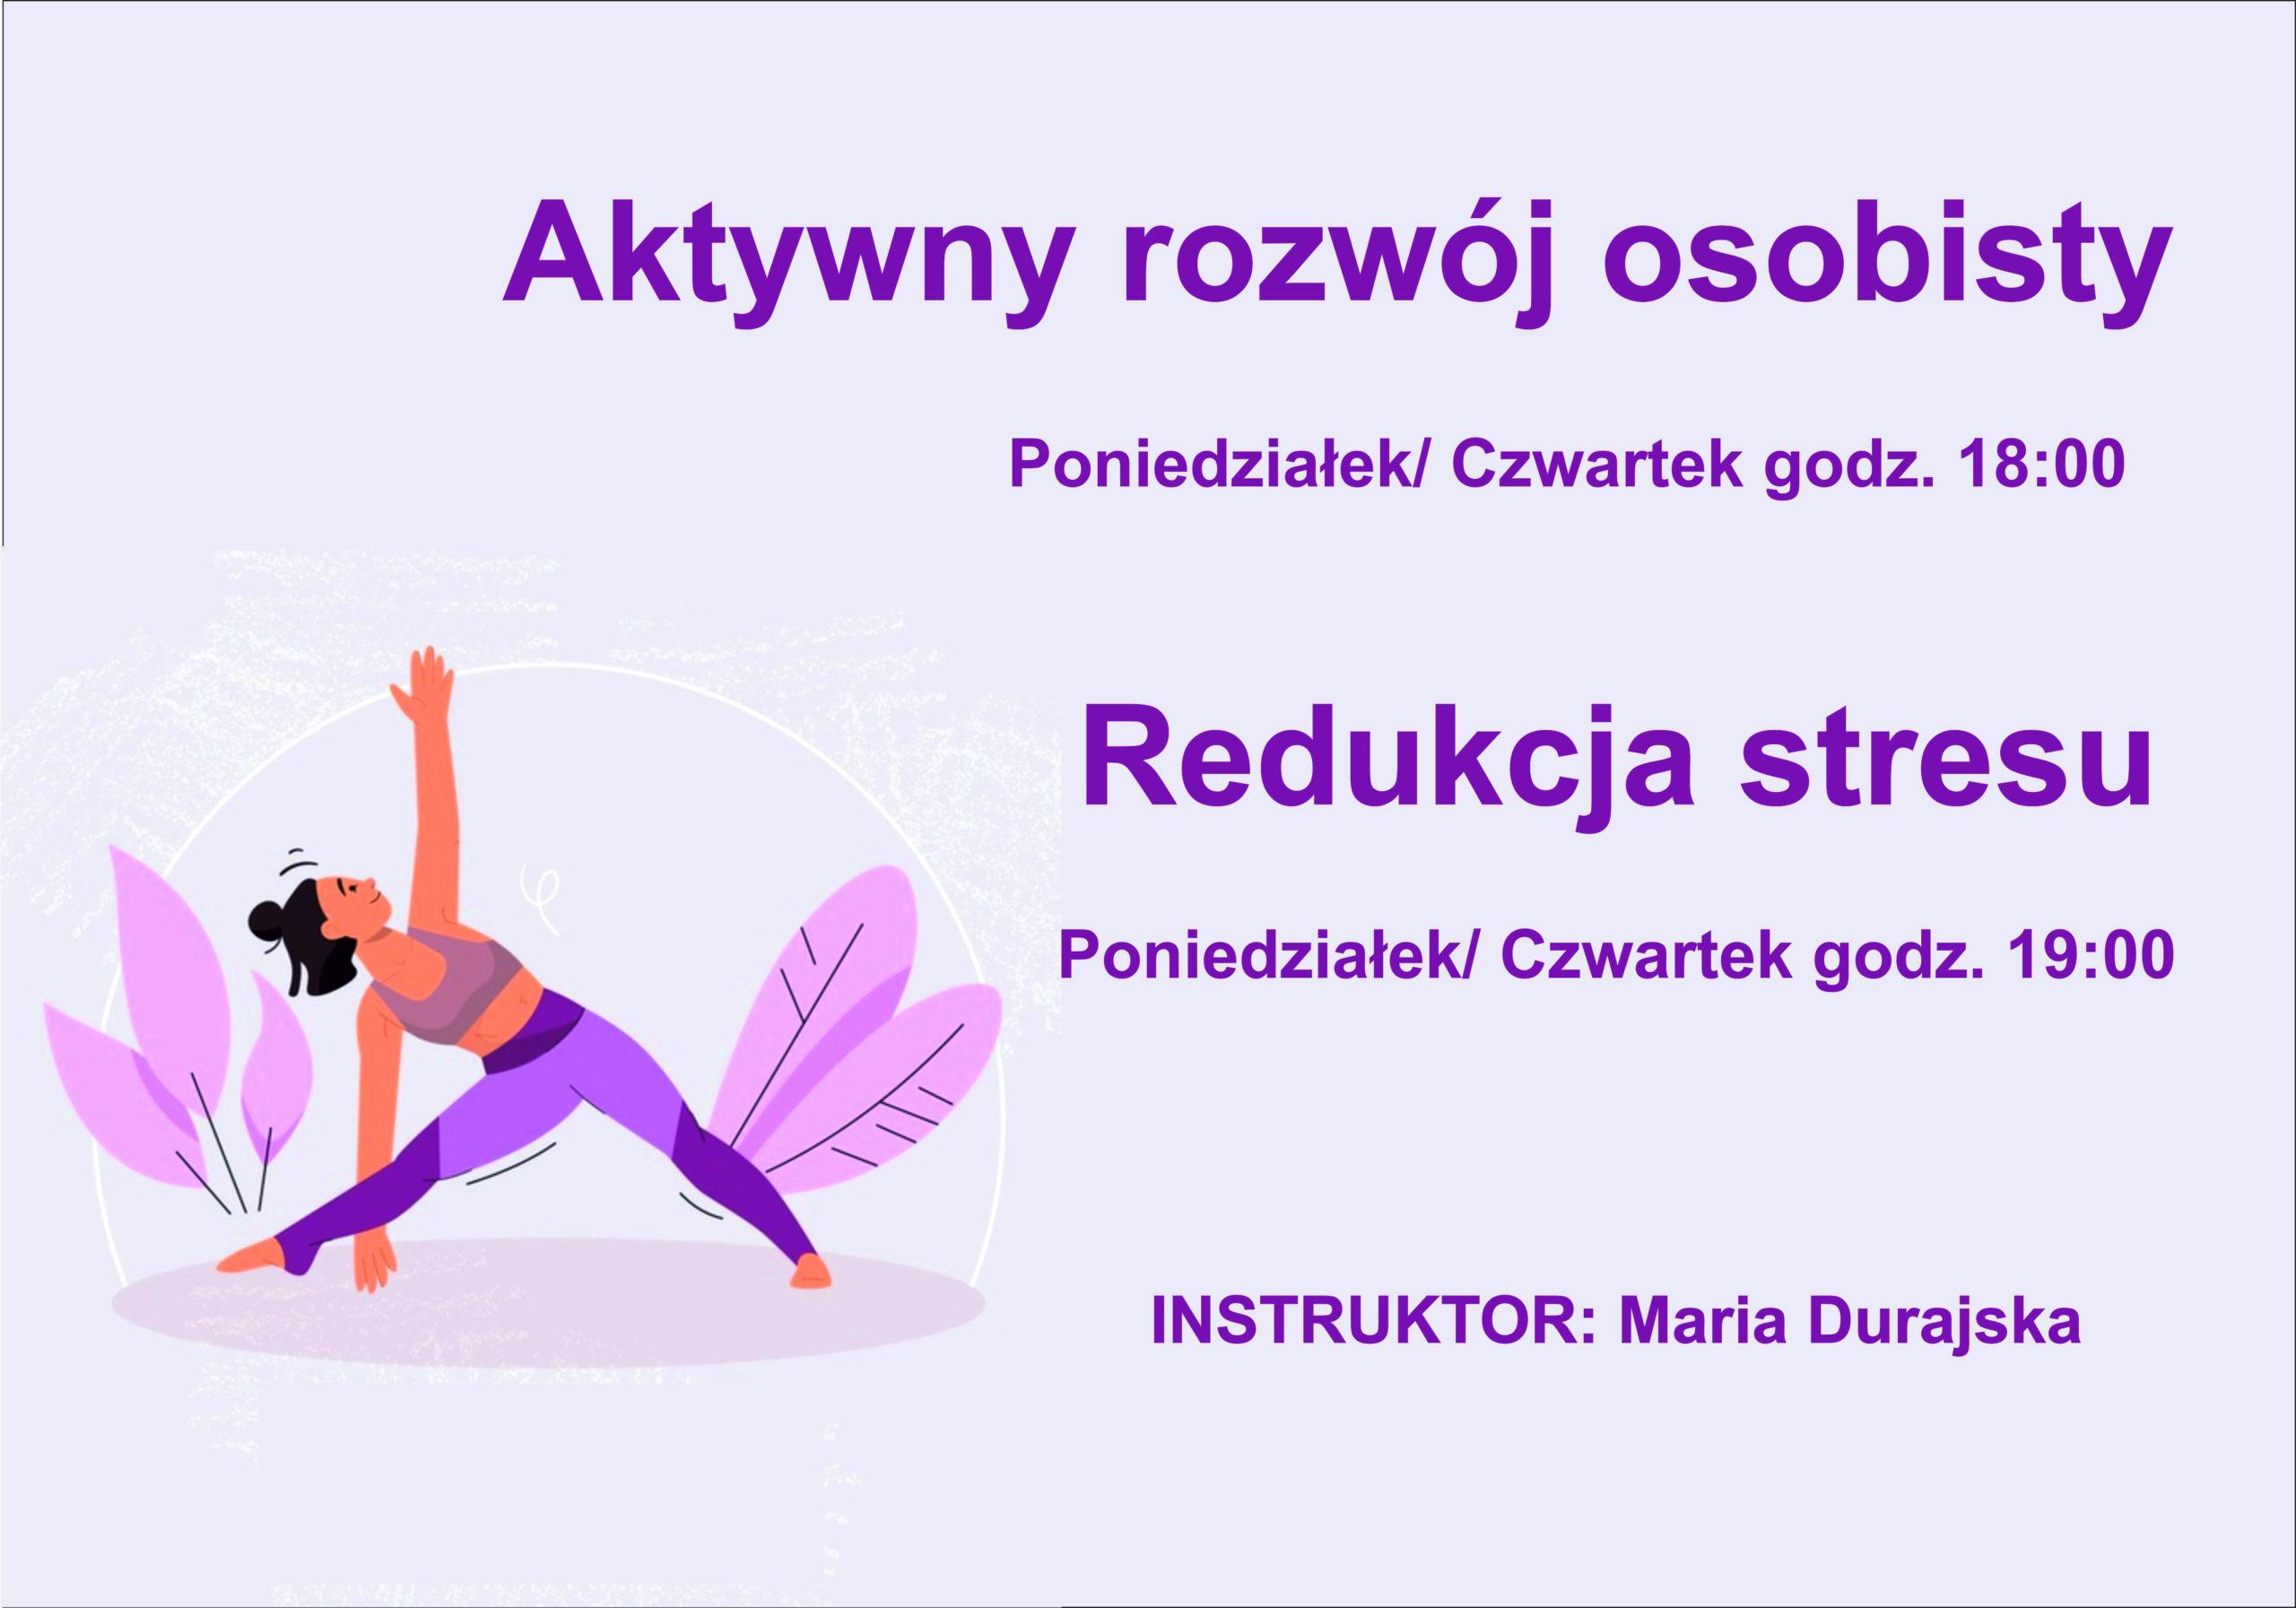 Plakat informacyjny: zajęcia aktywny rozwój osobisty oraz redukcja stresu. Zapraszamy w poniedziałki i czwartki od godziny 18:00 do GDKzB w Ksawerowie